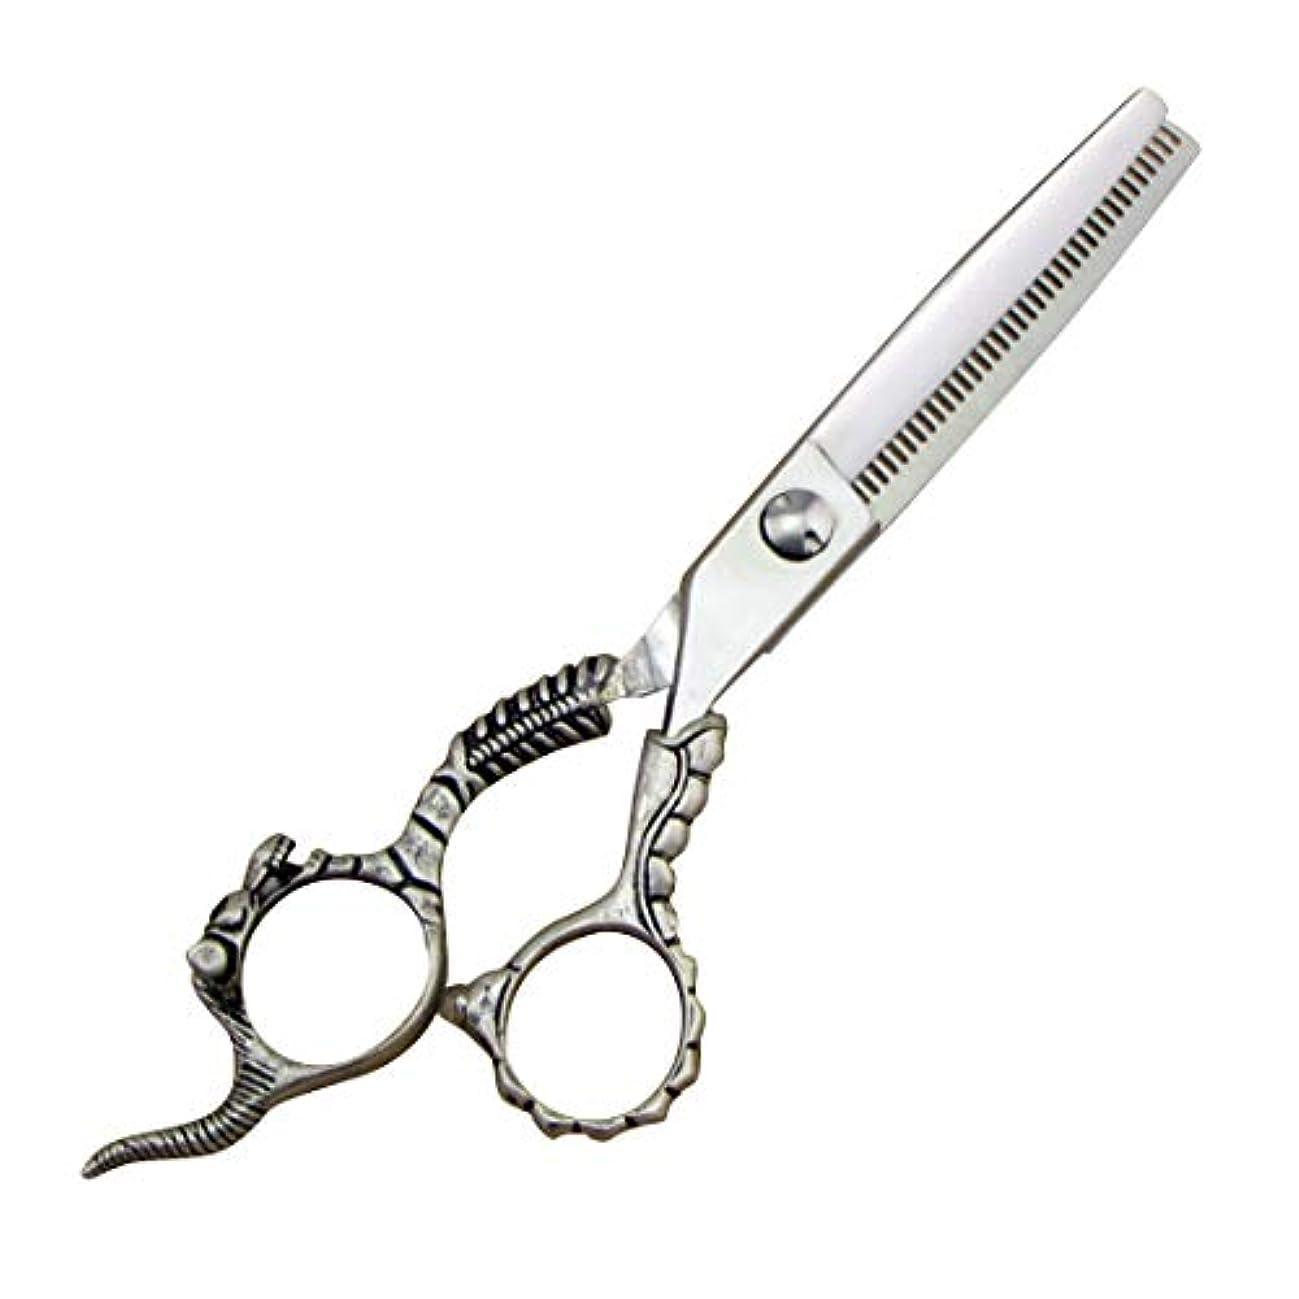 雲日焼け脆いバリカンはさみプロ理髪はさみ - 理髪はさみセット - ステンレス鋼の歯はさみ&フラットせん断 ヘアケア (色 : Silver)